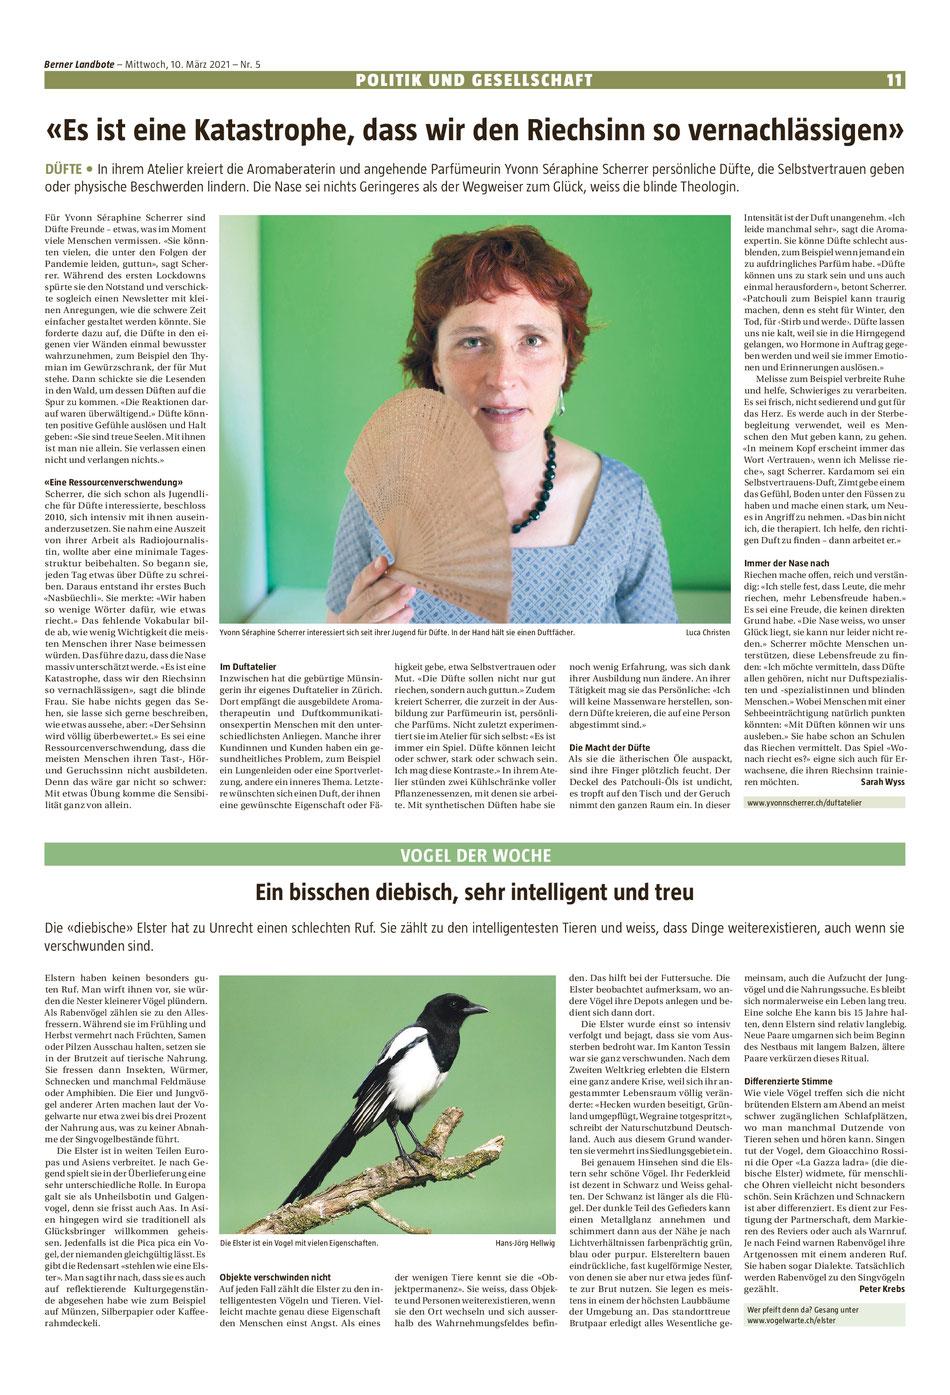 Artikel über die Duftarbeit von Yvonn Scherrer im Berner Landboten vom 10. März 2021